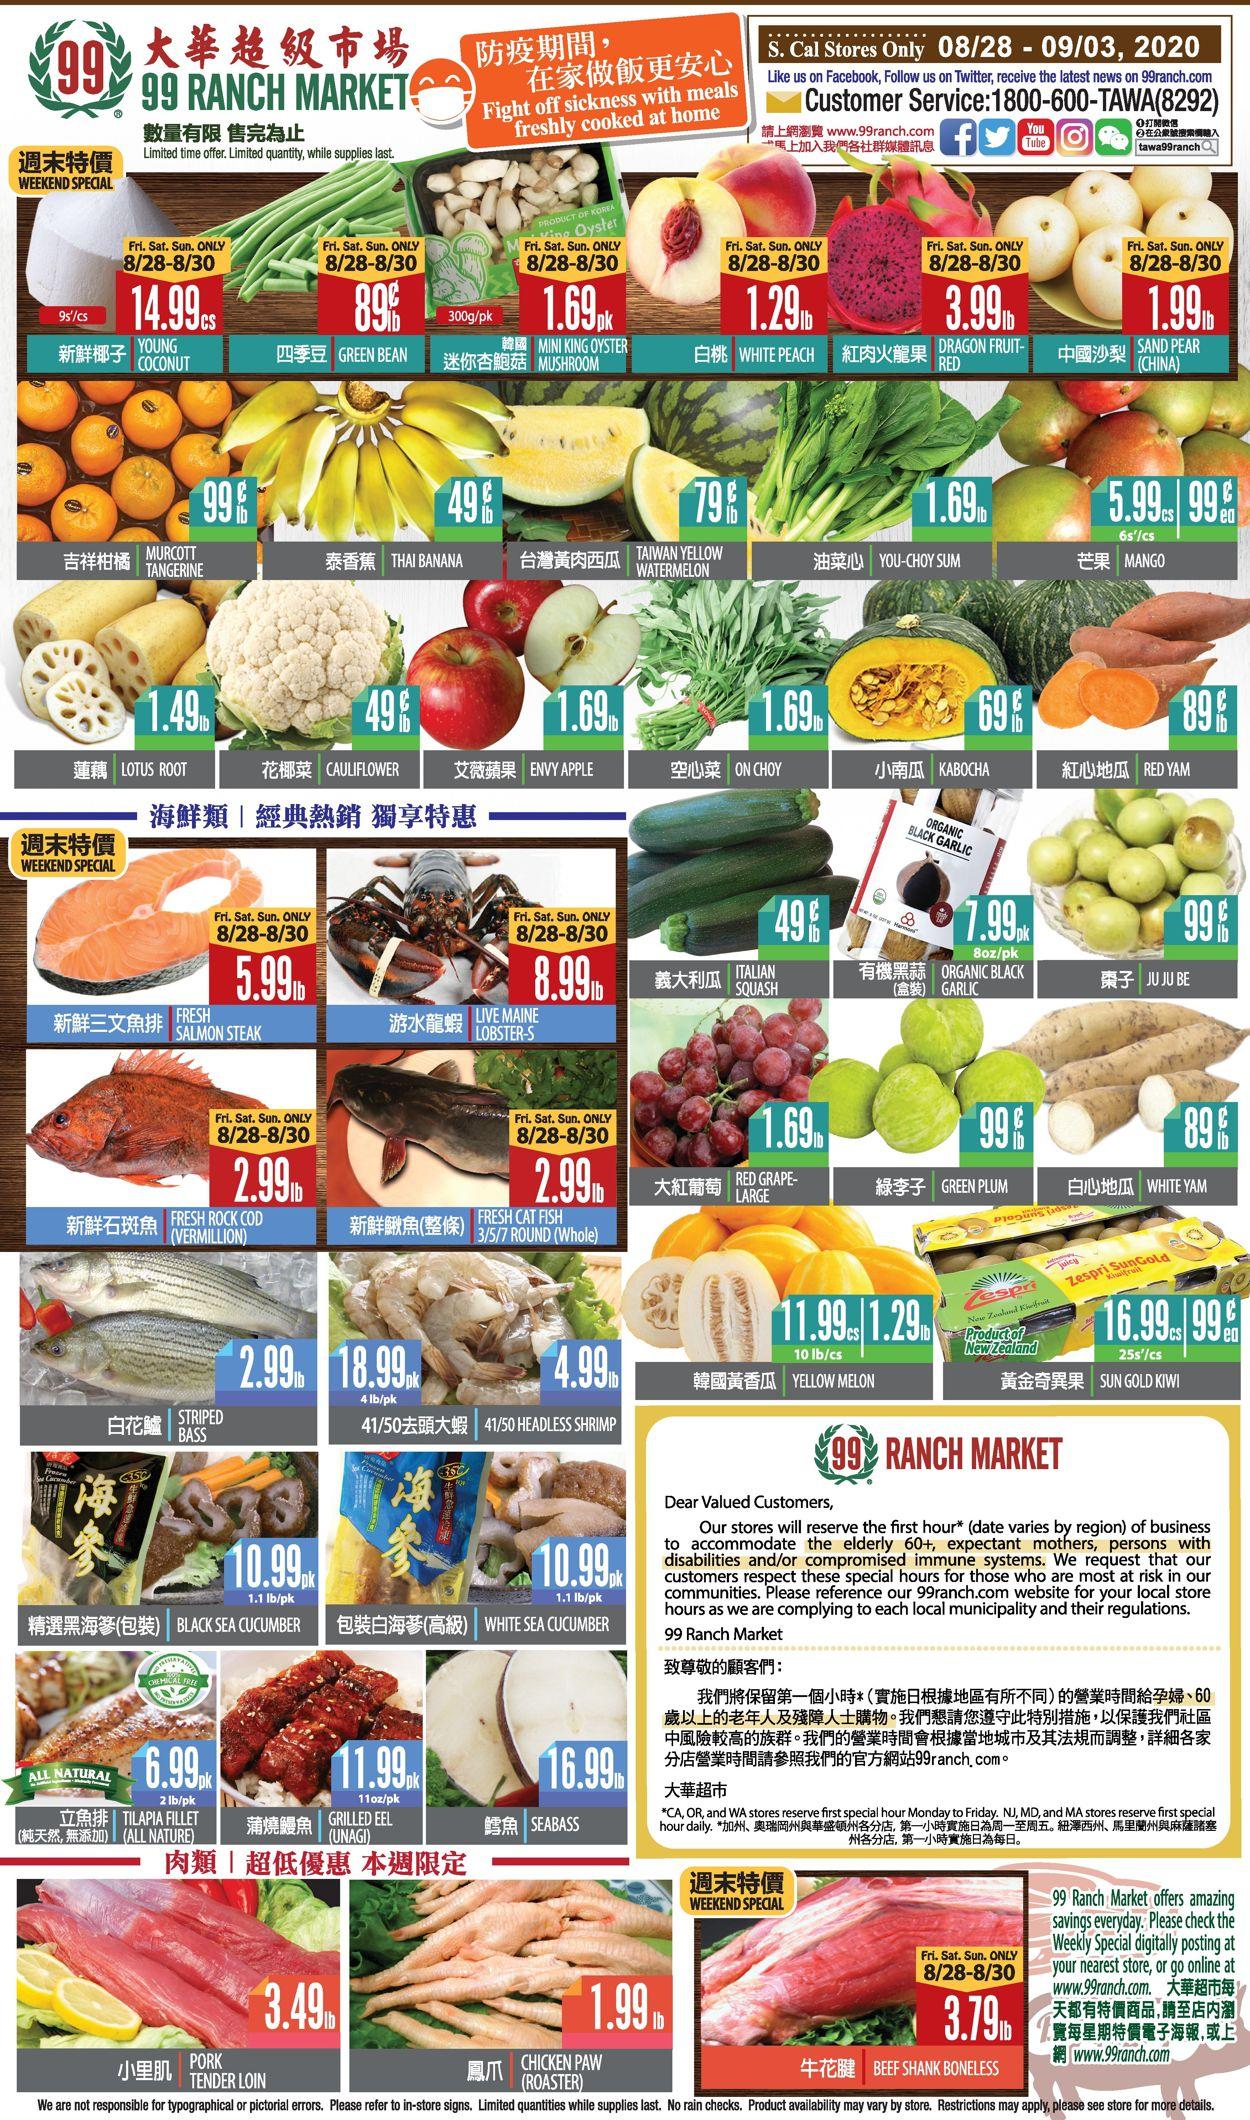 99 Ranch Weekly Ad Circular - valid 08/28-08/30/2020